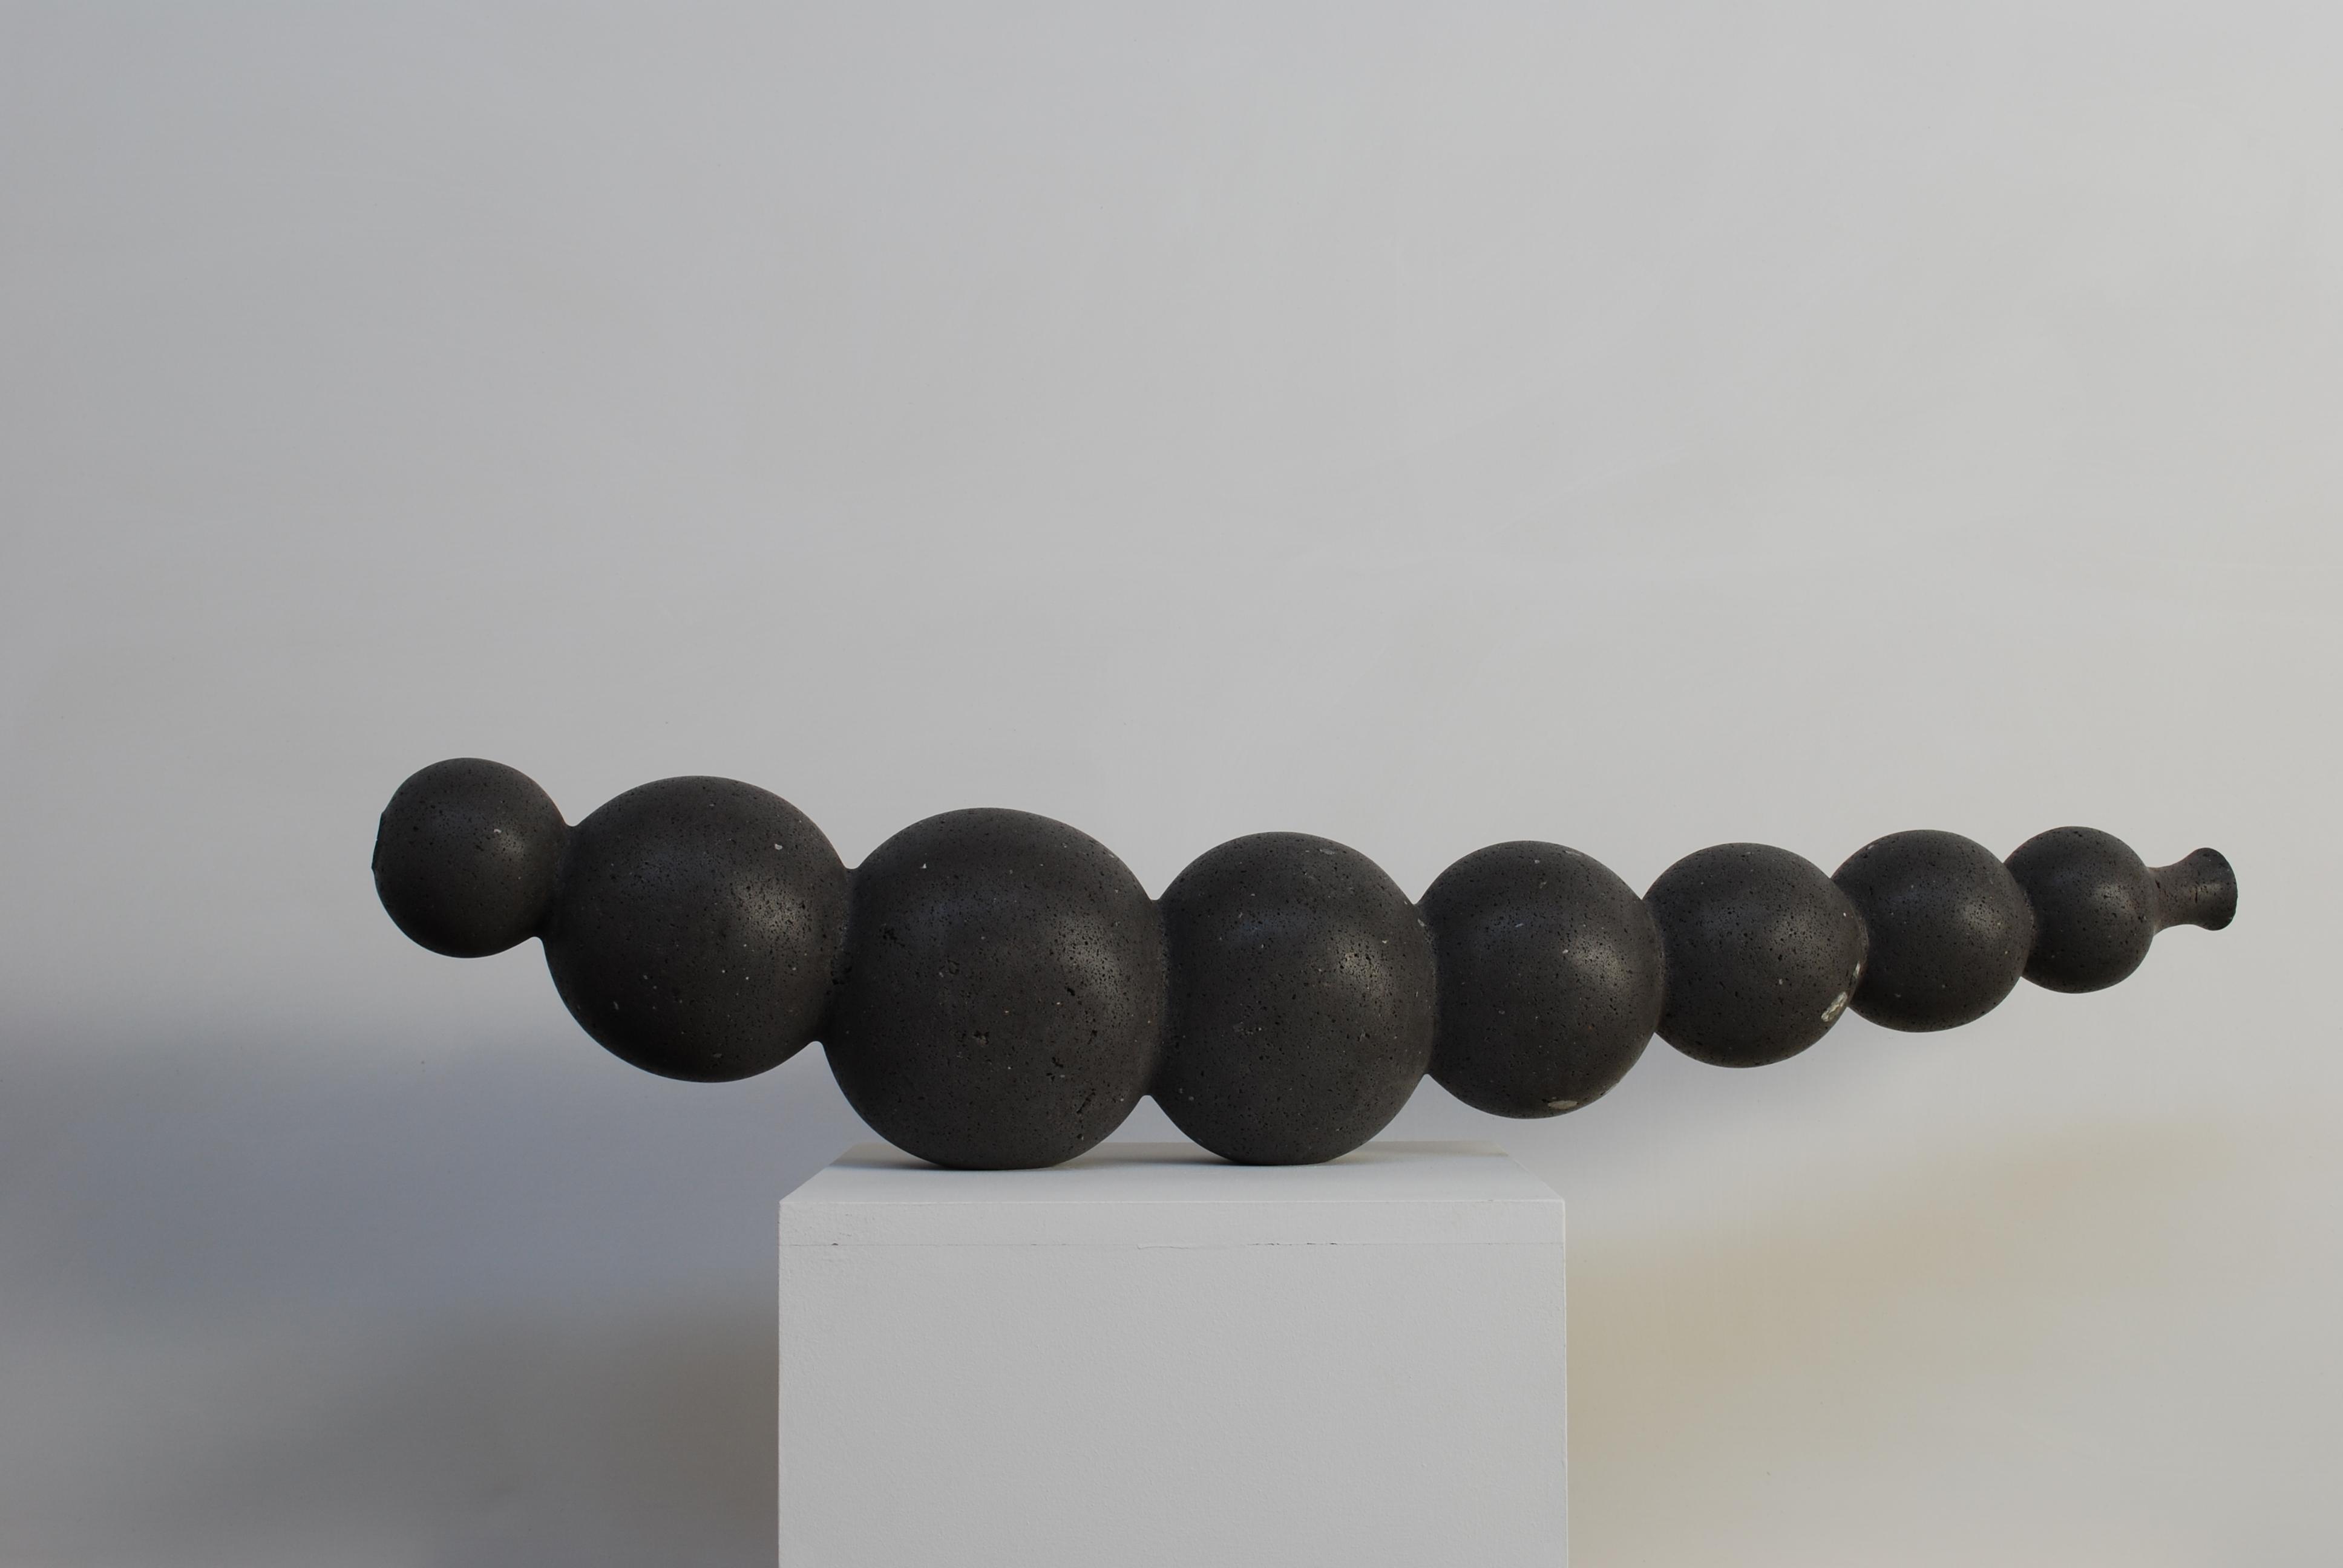 Regina Schnersch, Ohne Titel, 2010, Basalt, 115 x 18 x 24 cm